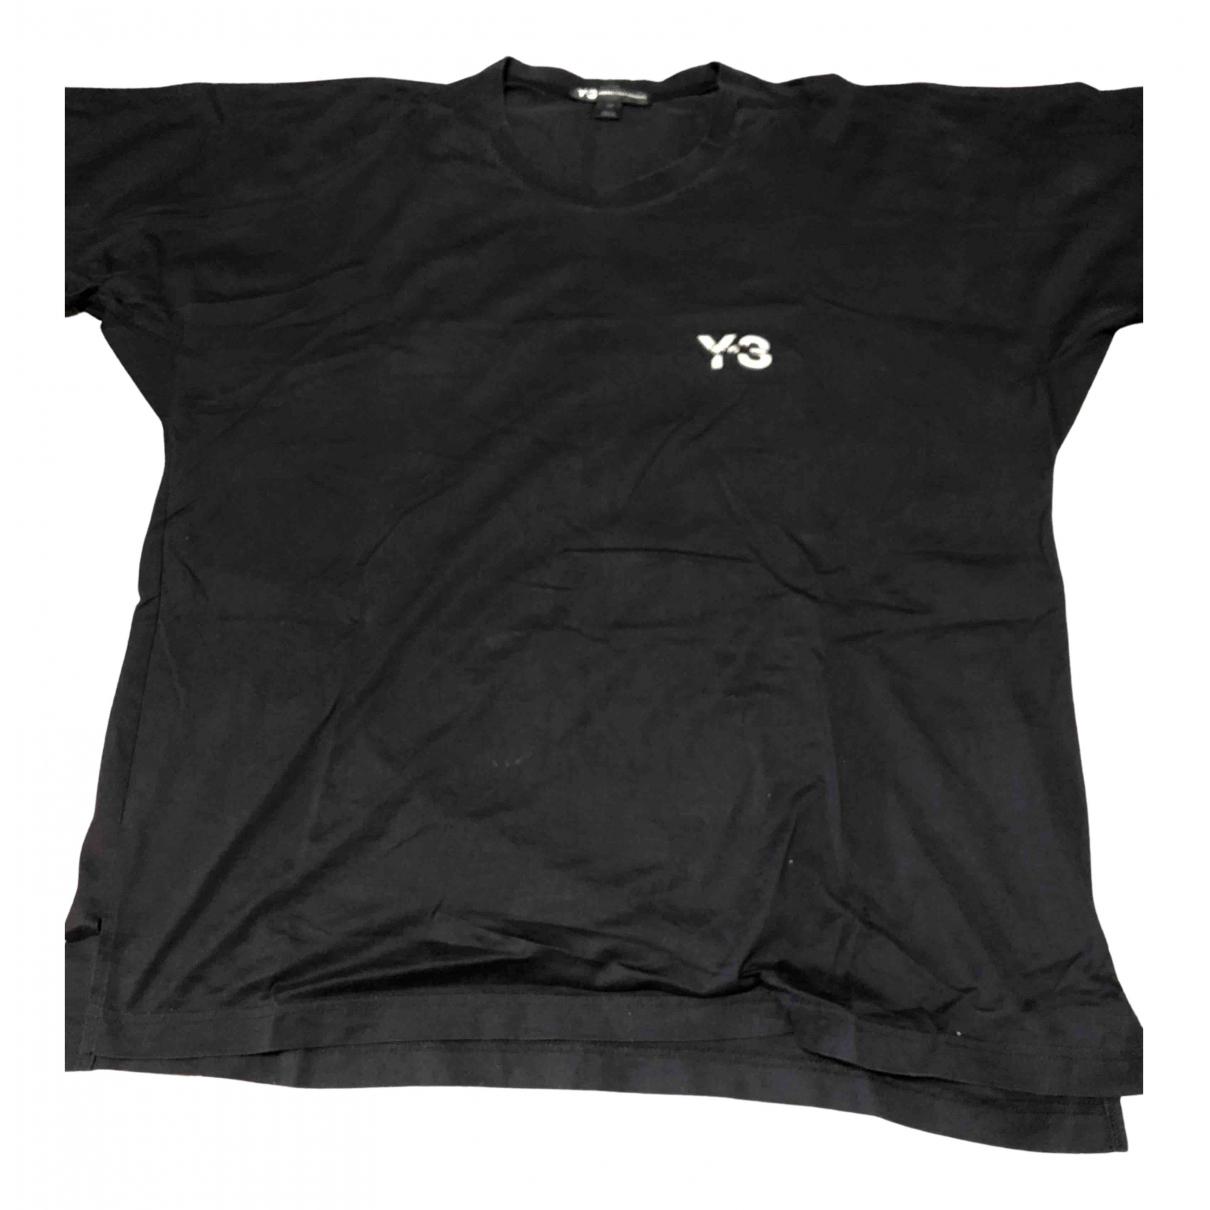 Y-3 - Tee shirts   pour homme en coton - noir